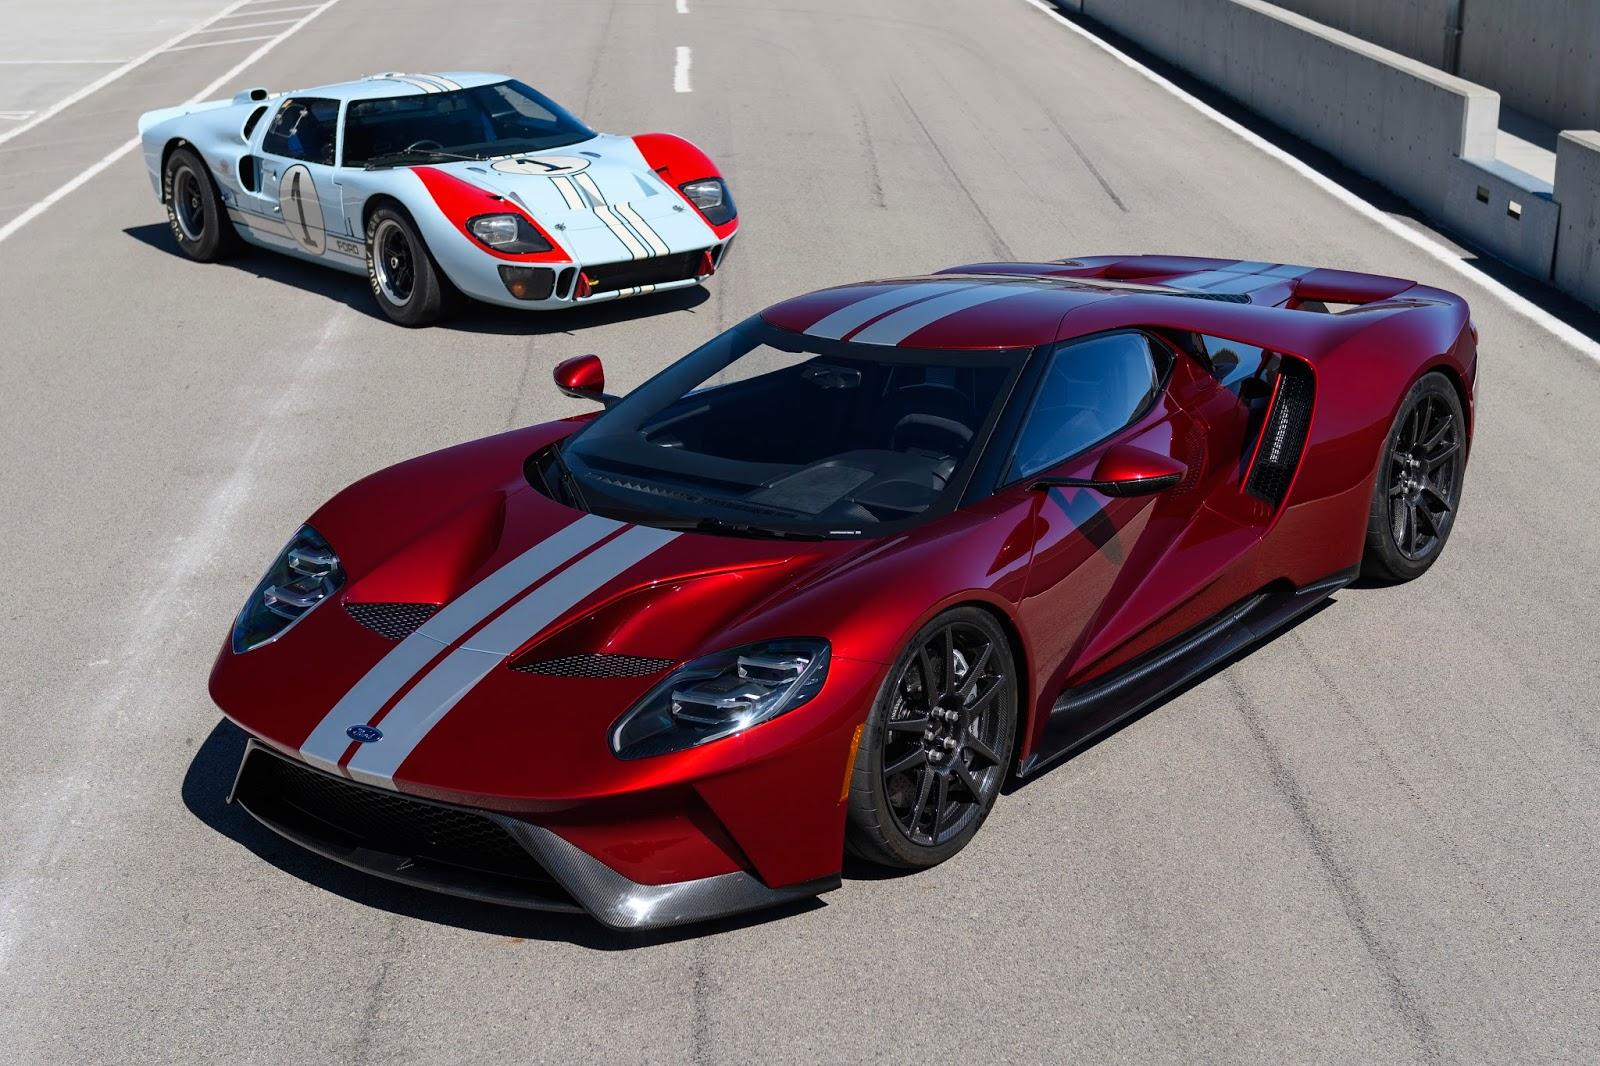 All NewFordGT Innovations 18 Ford GT : Το αυτοκίνητο του αύριο... σήμερα Ford, Ford GT, Ford GT 40, Future, supercars, τεχνικά, Τεχνολογία